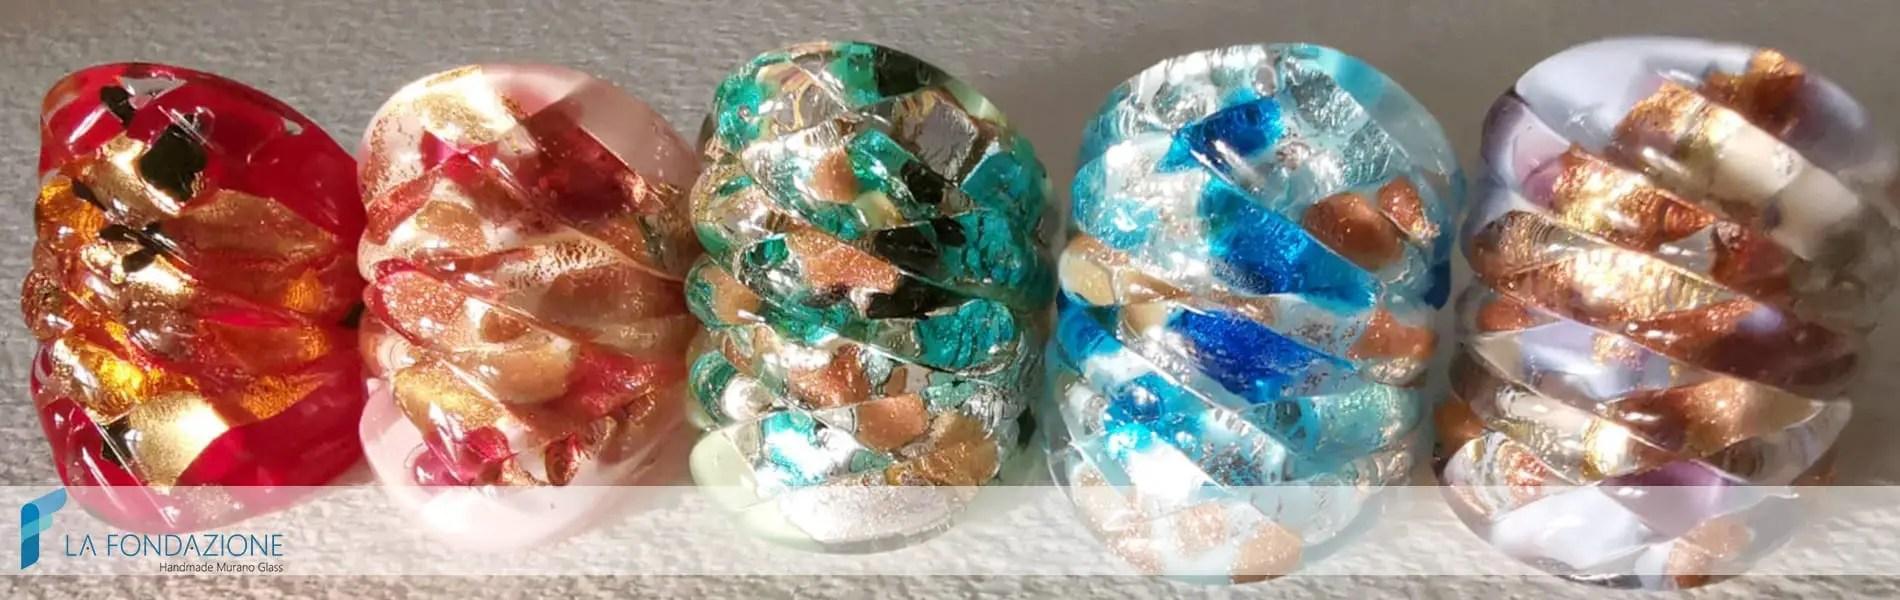 Anelli Arlecchino - La Fondazione - Handmade Murano glass Venice